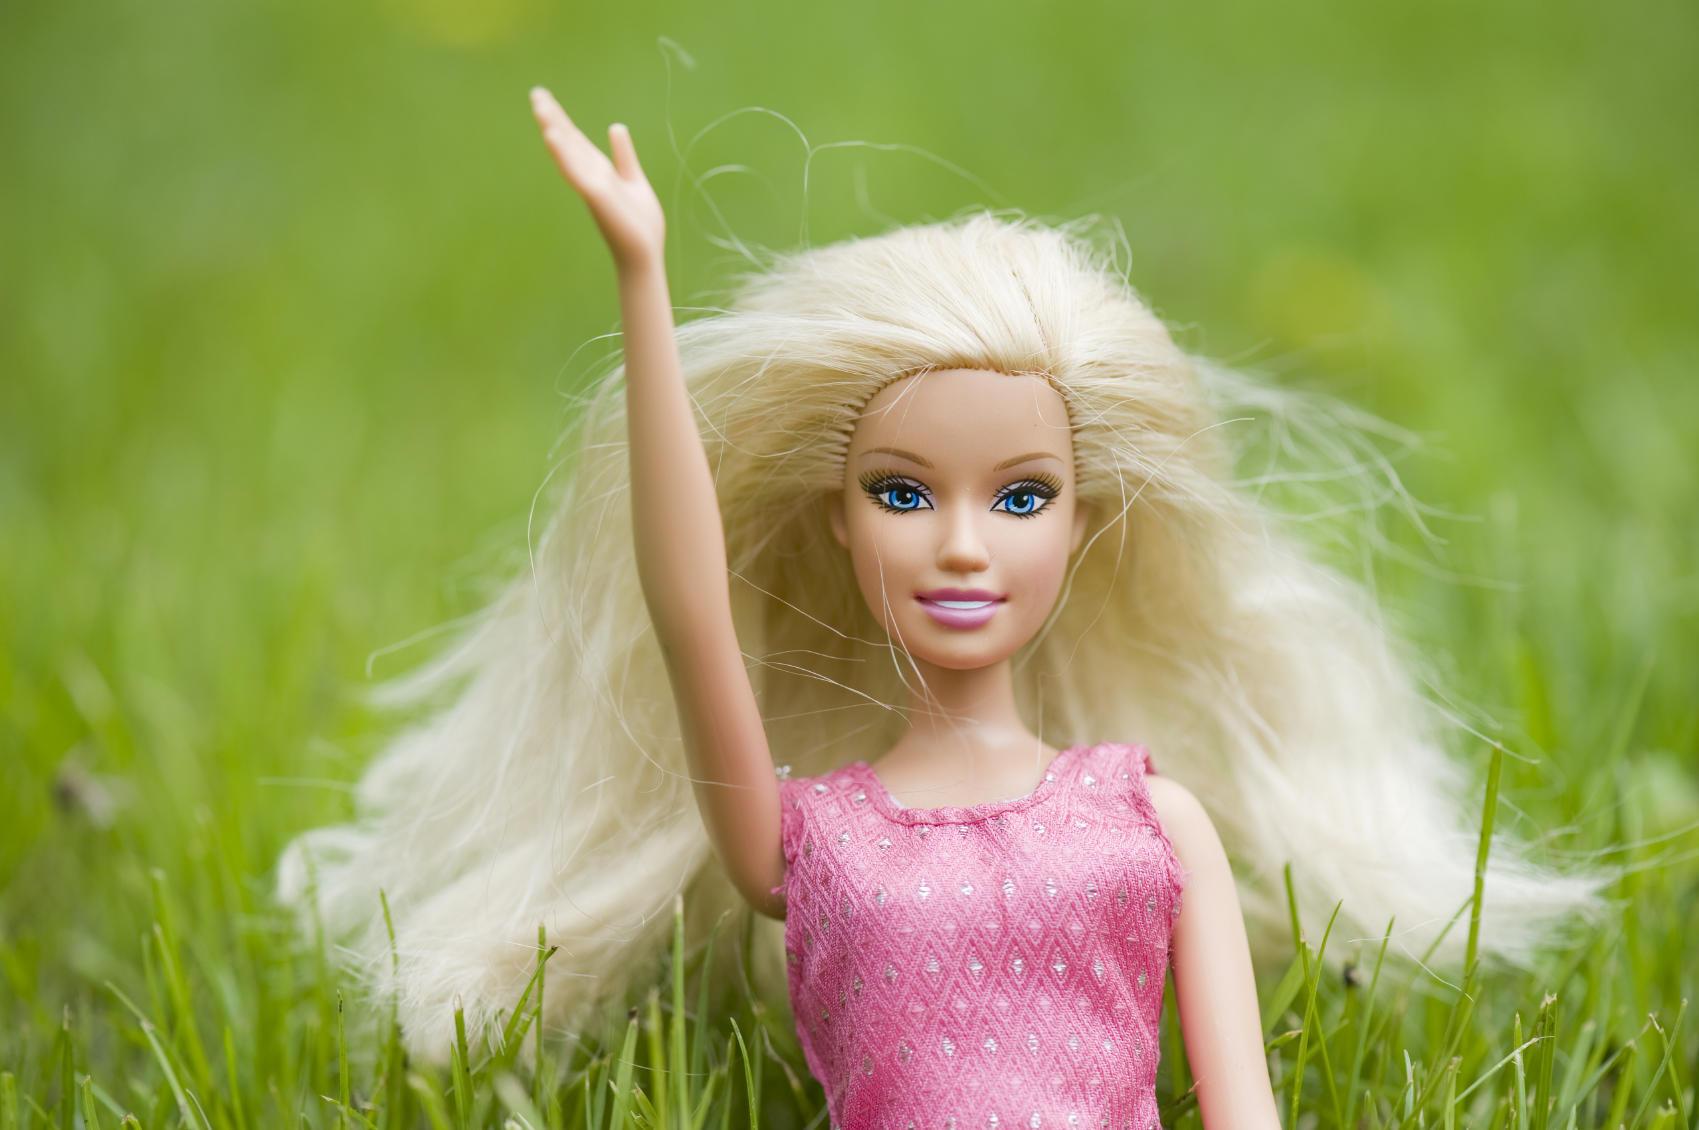 barbie waving